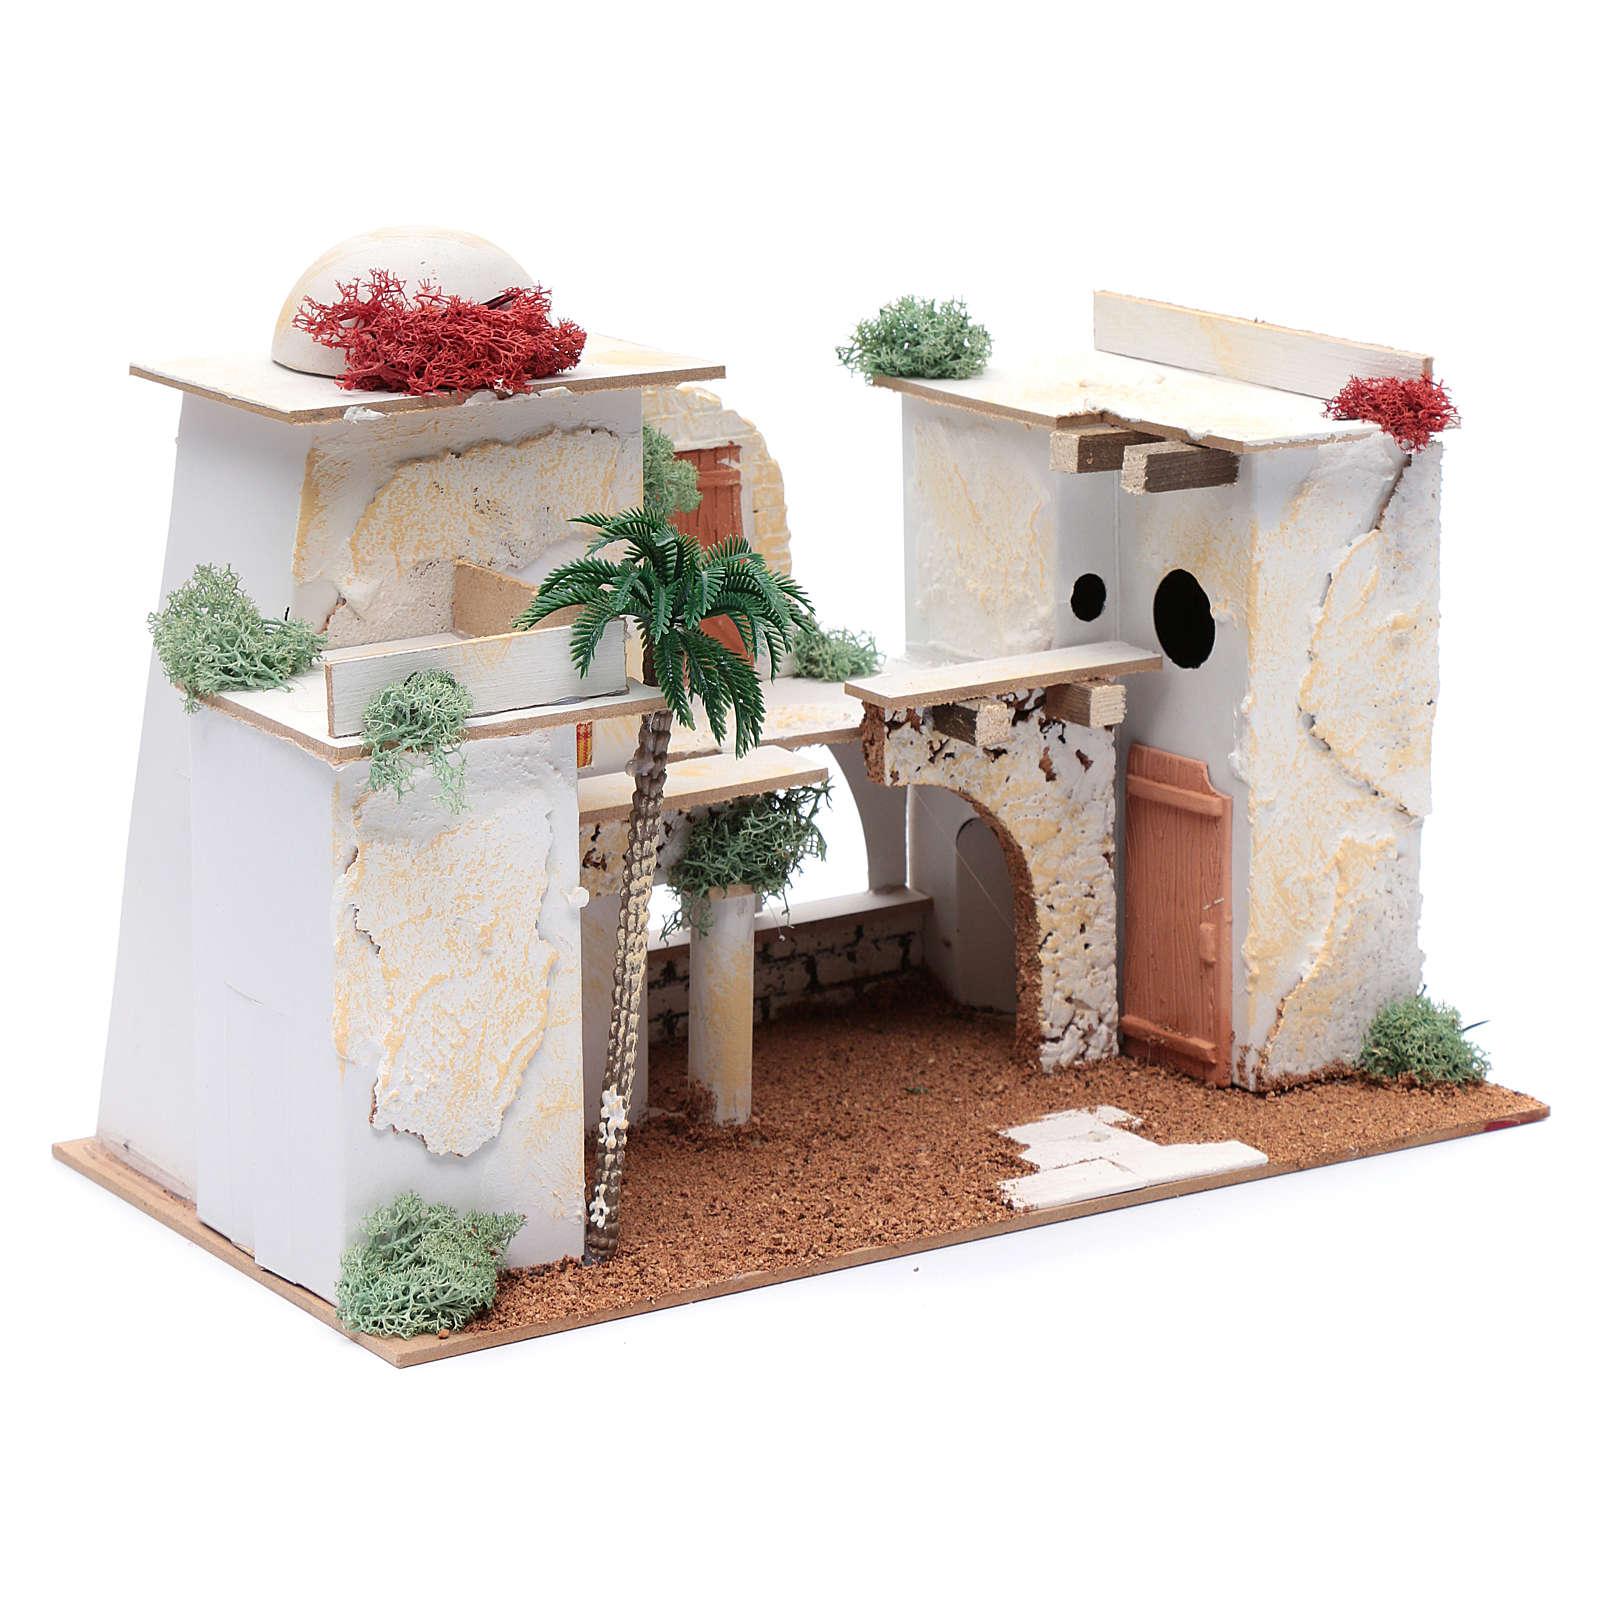 Arabian house 20x35x20 cm suitable for 7 cm statues 4